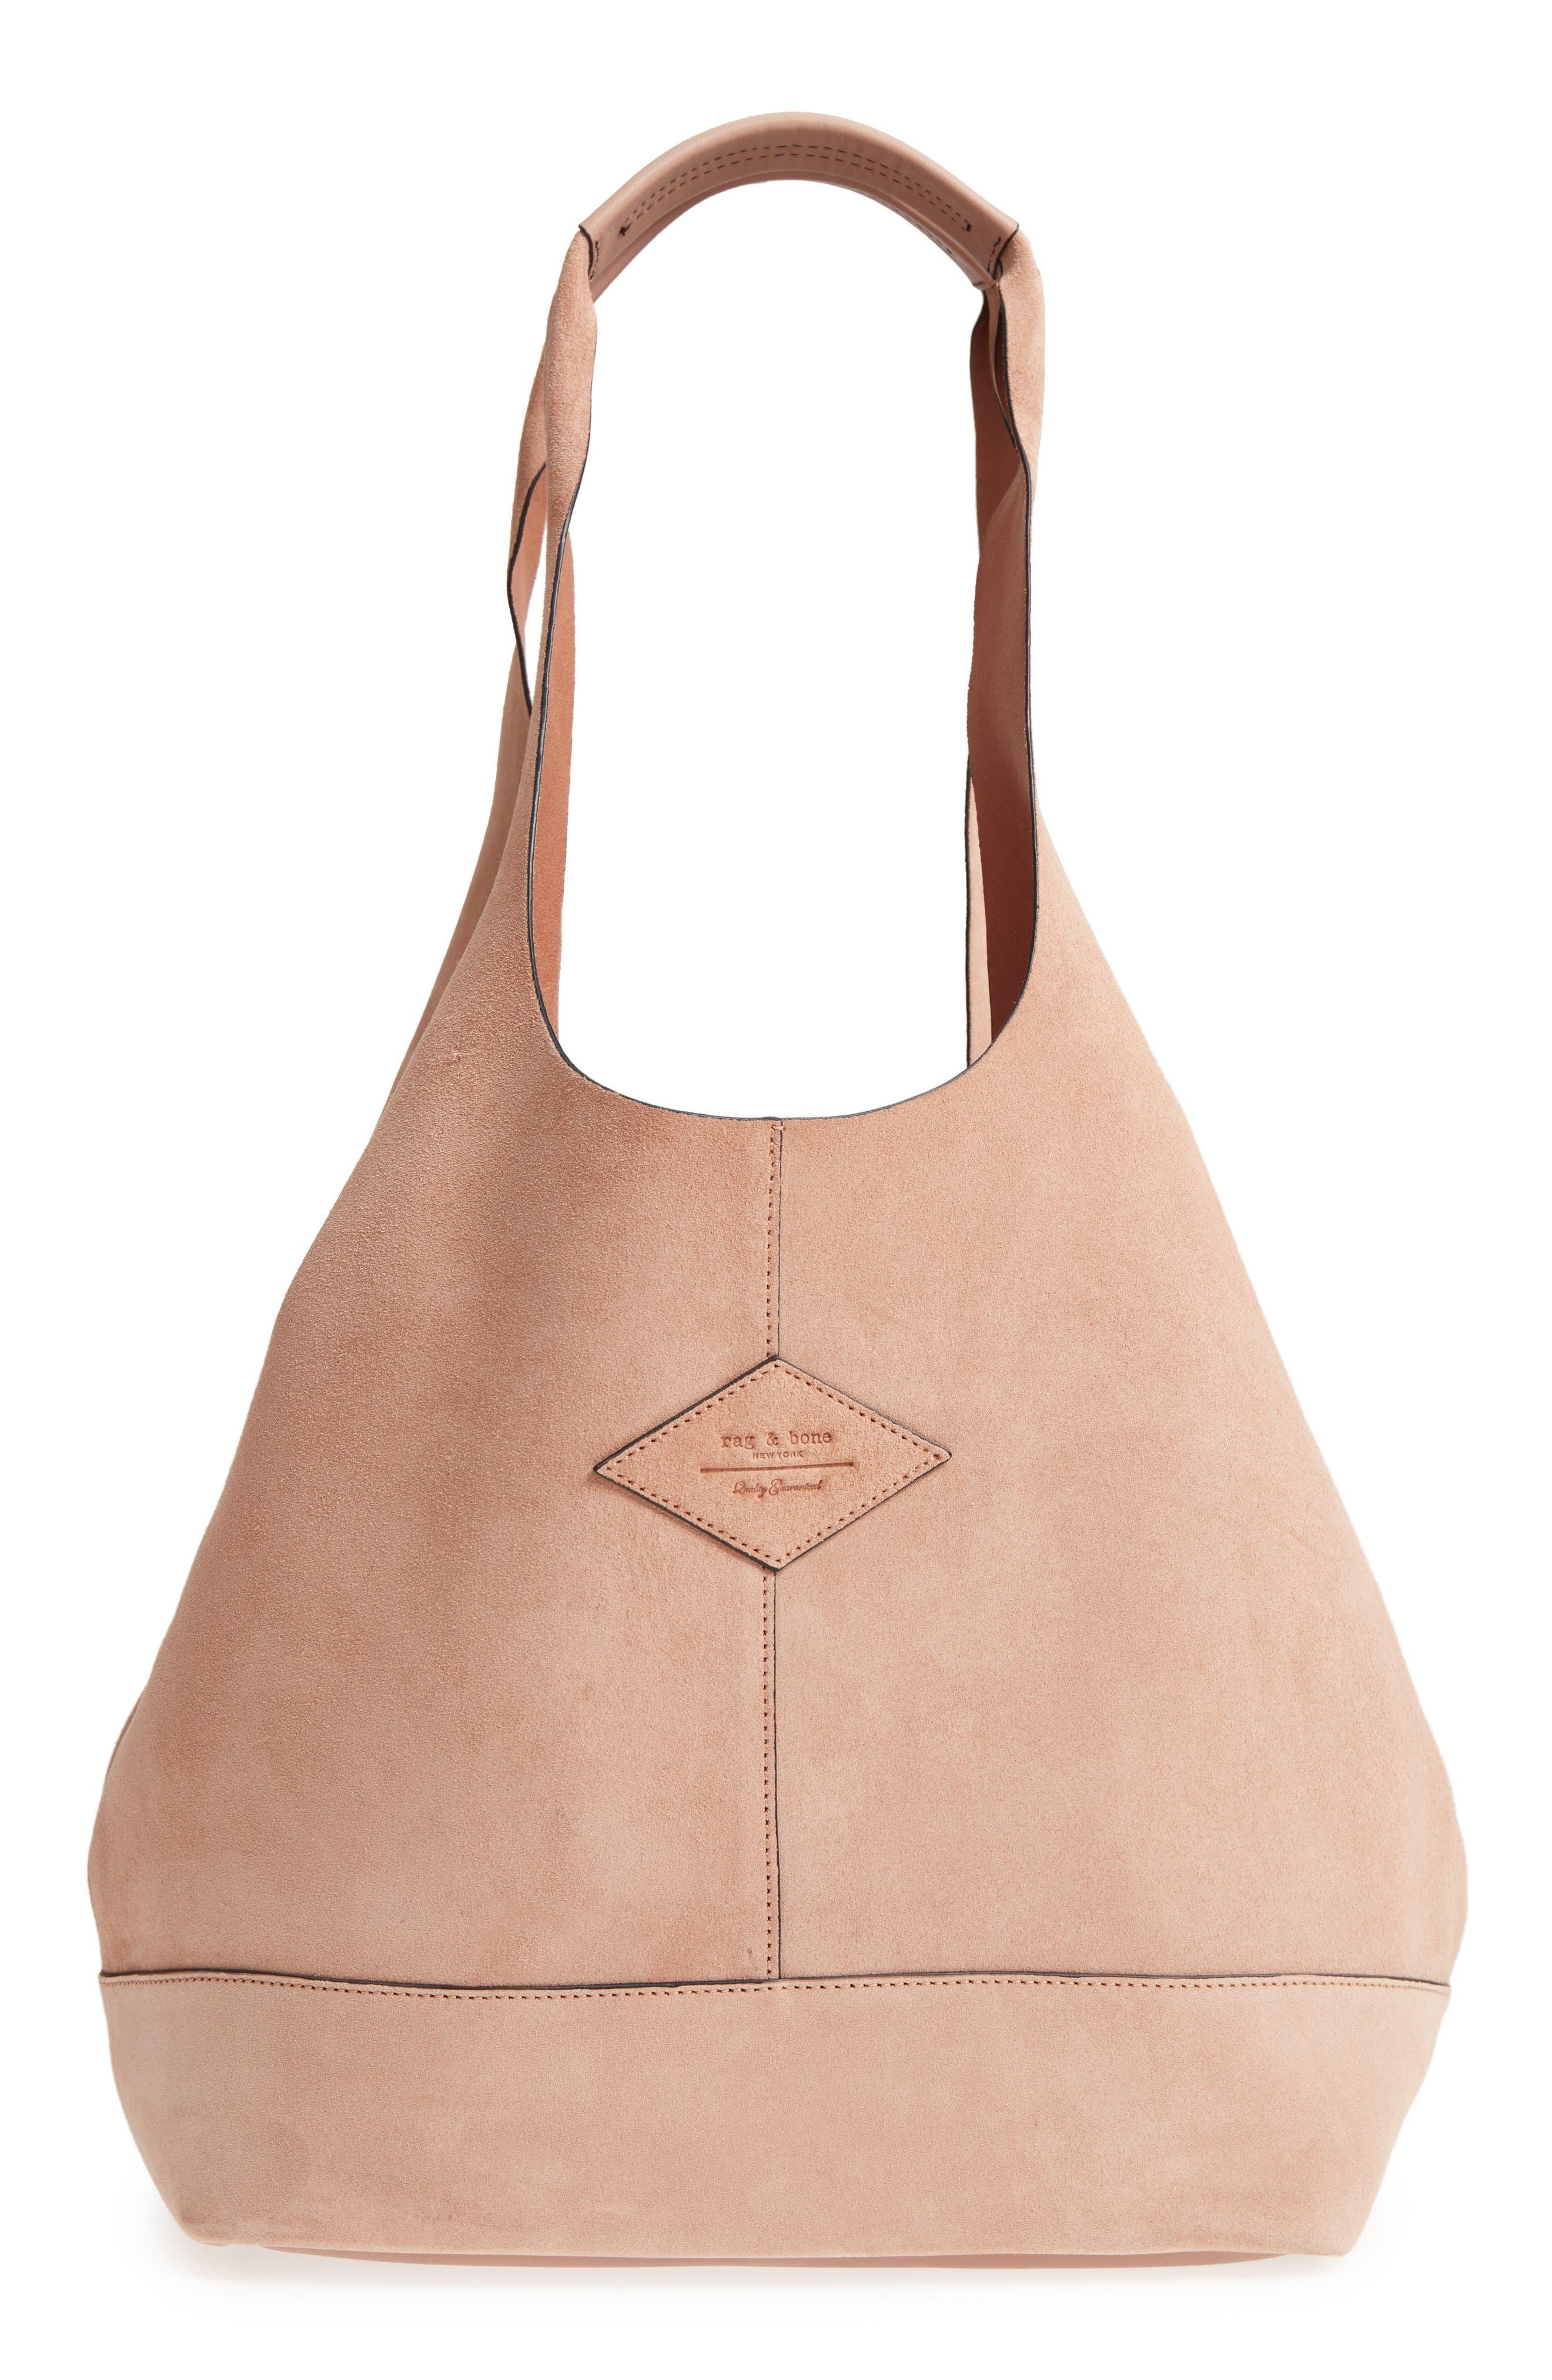 Camden Shopper Bag,                             Main thumbnail 1, color,                             NUDE SUEDE